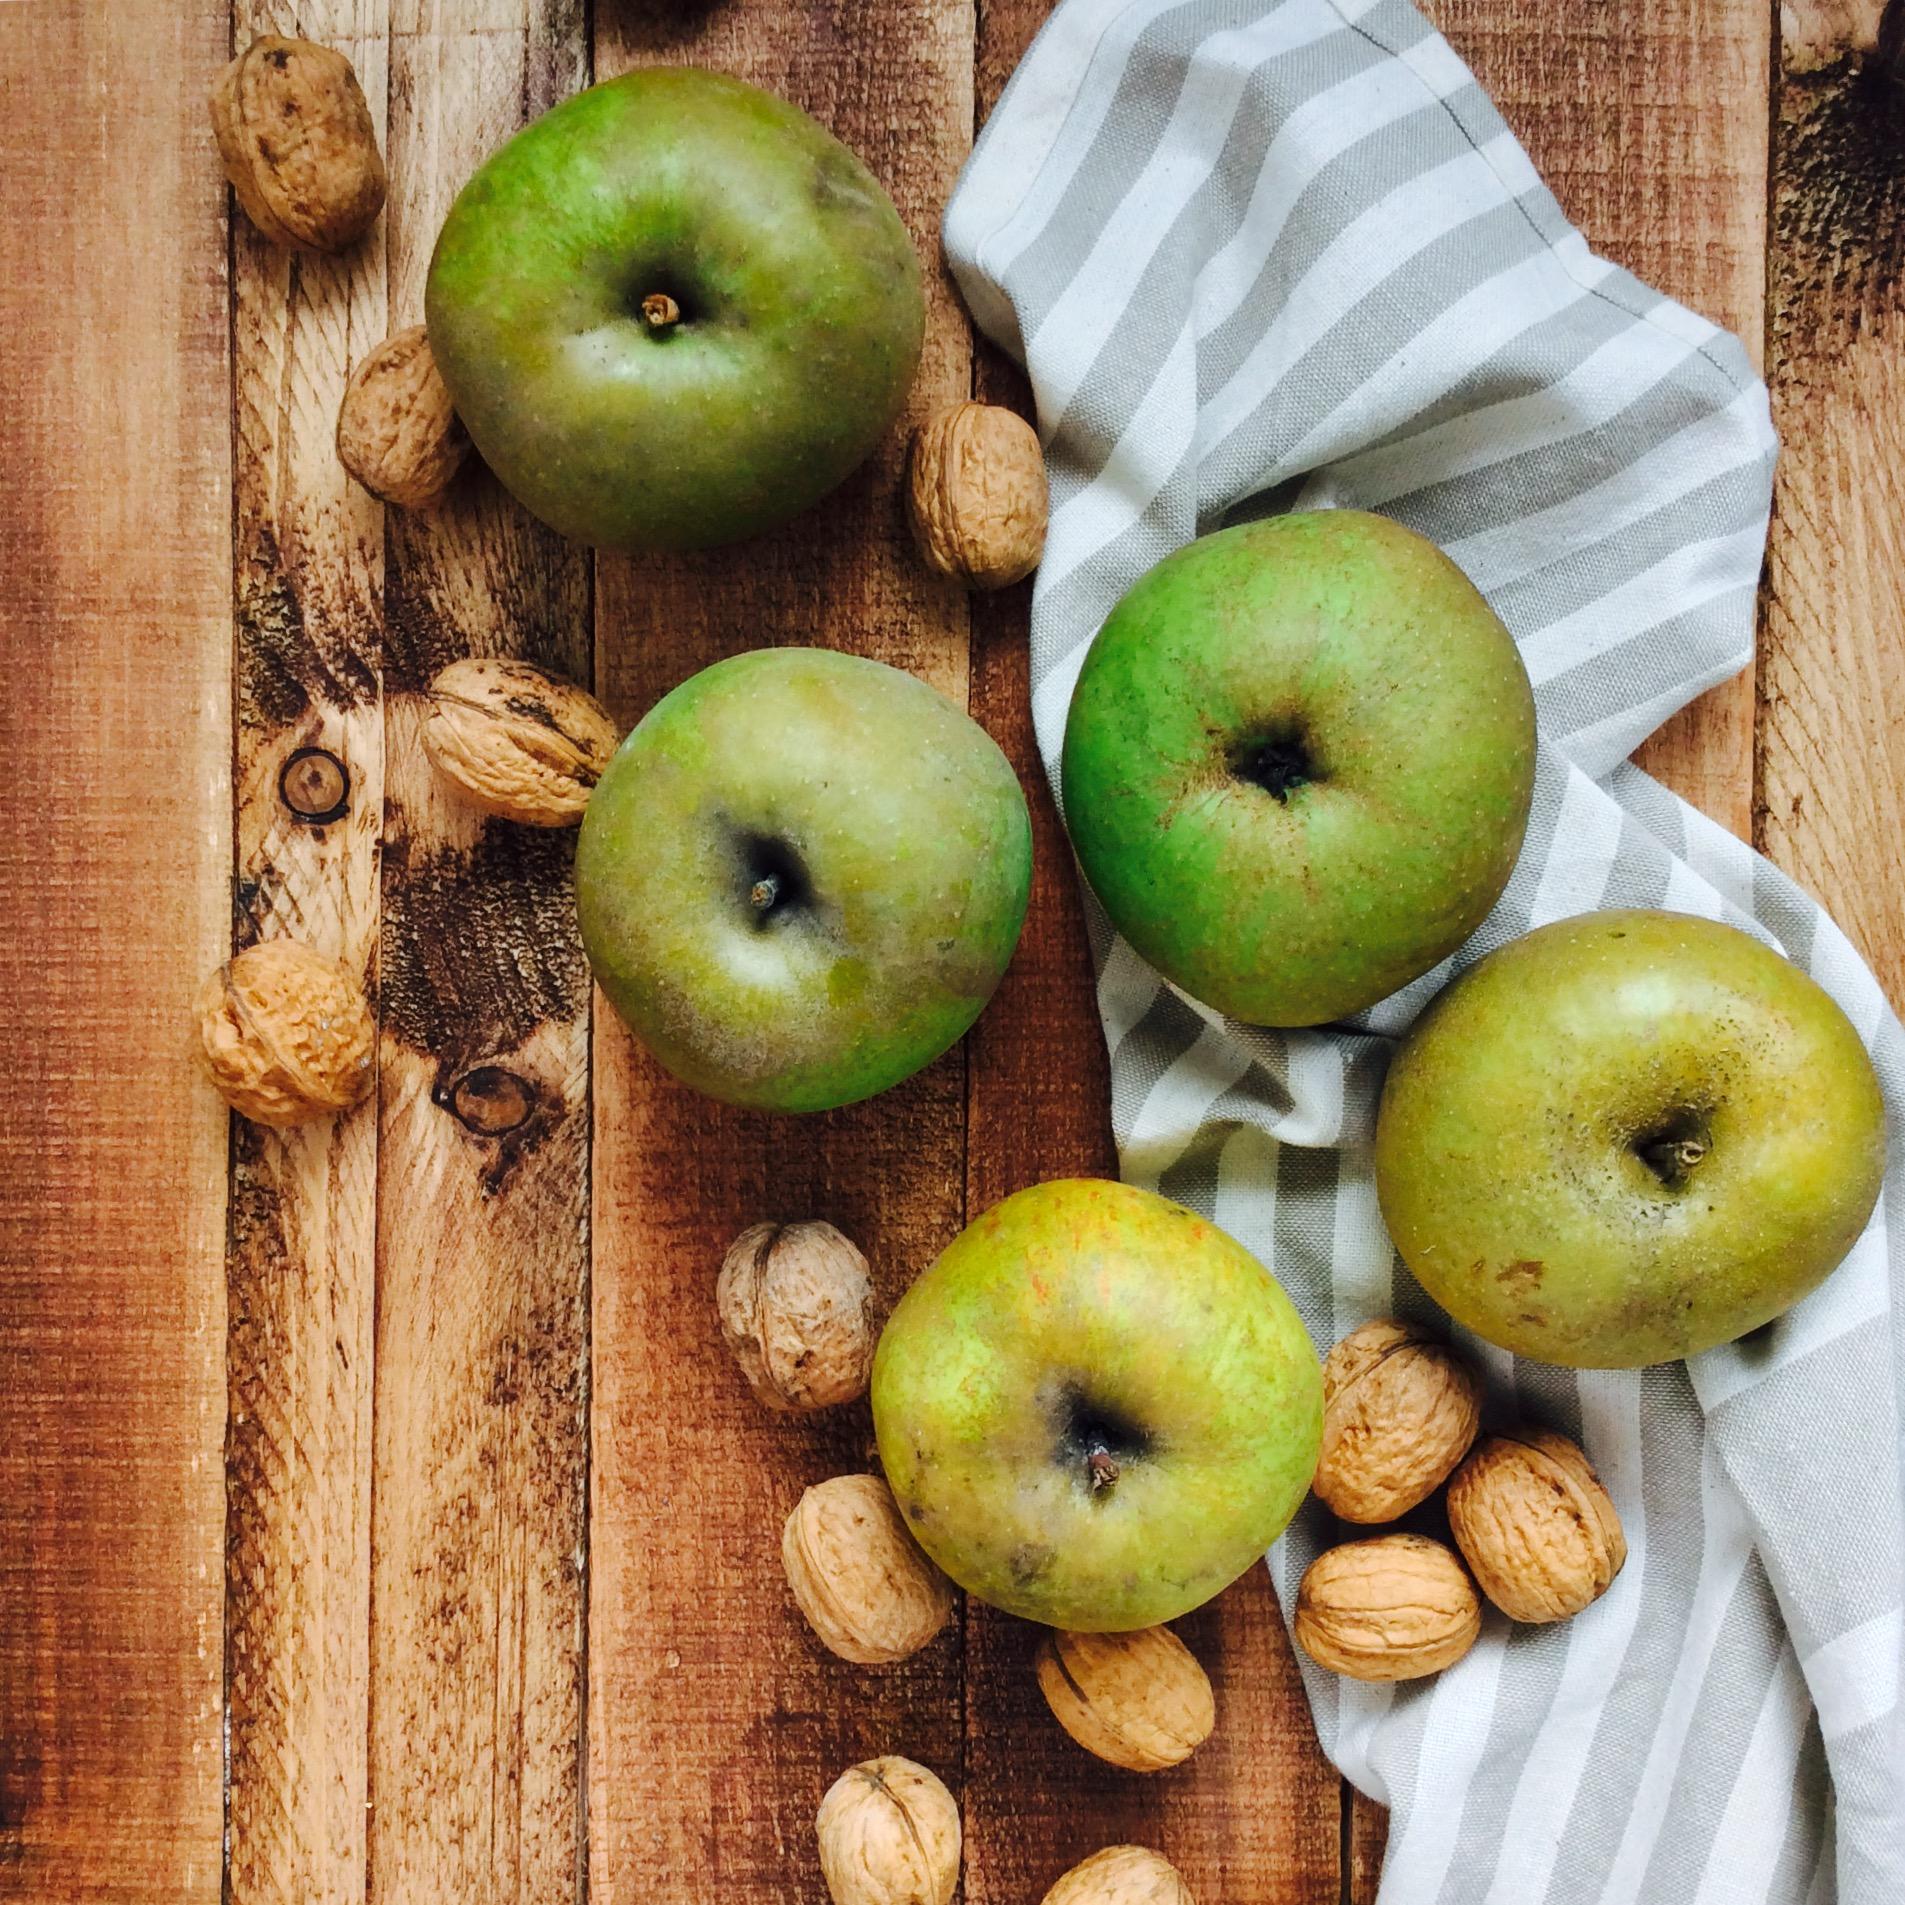 receta-galette-manzana-y-nueces